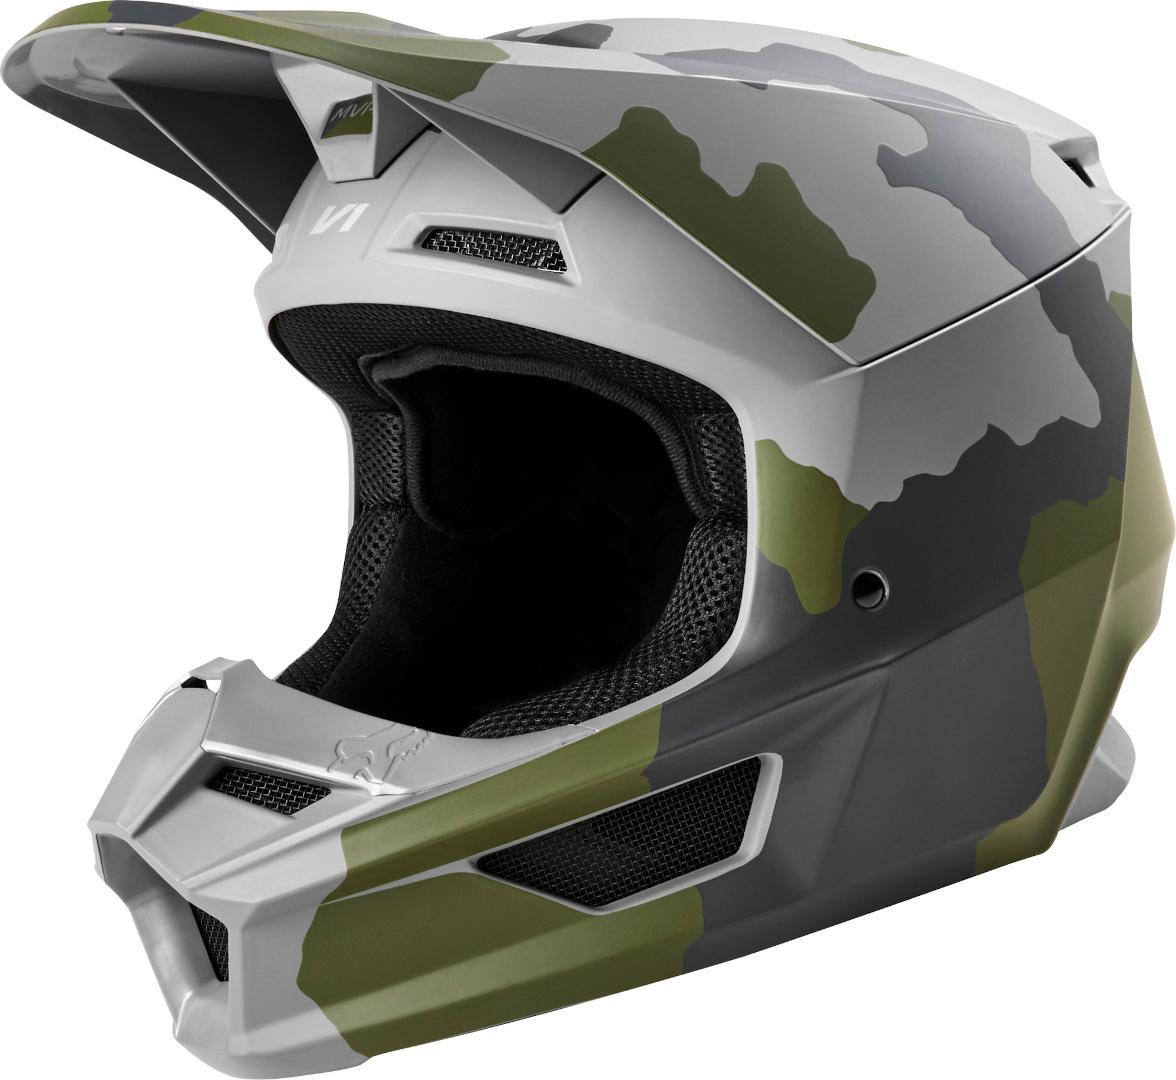 FOX V1 PRZM Camo Helmet Image